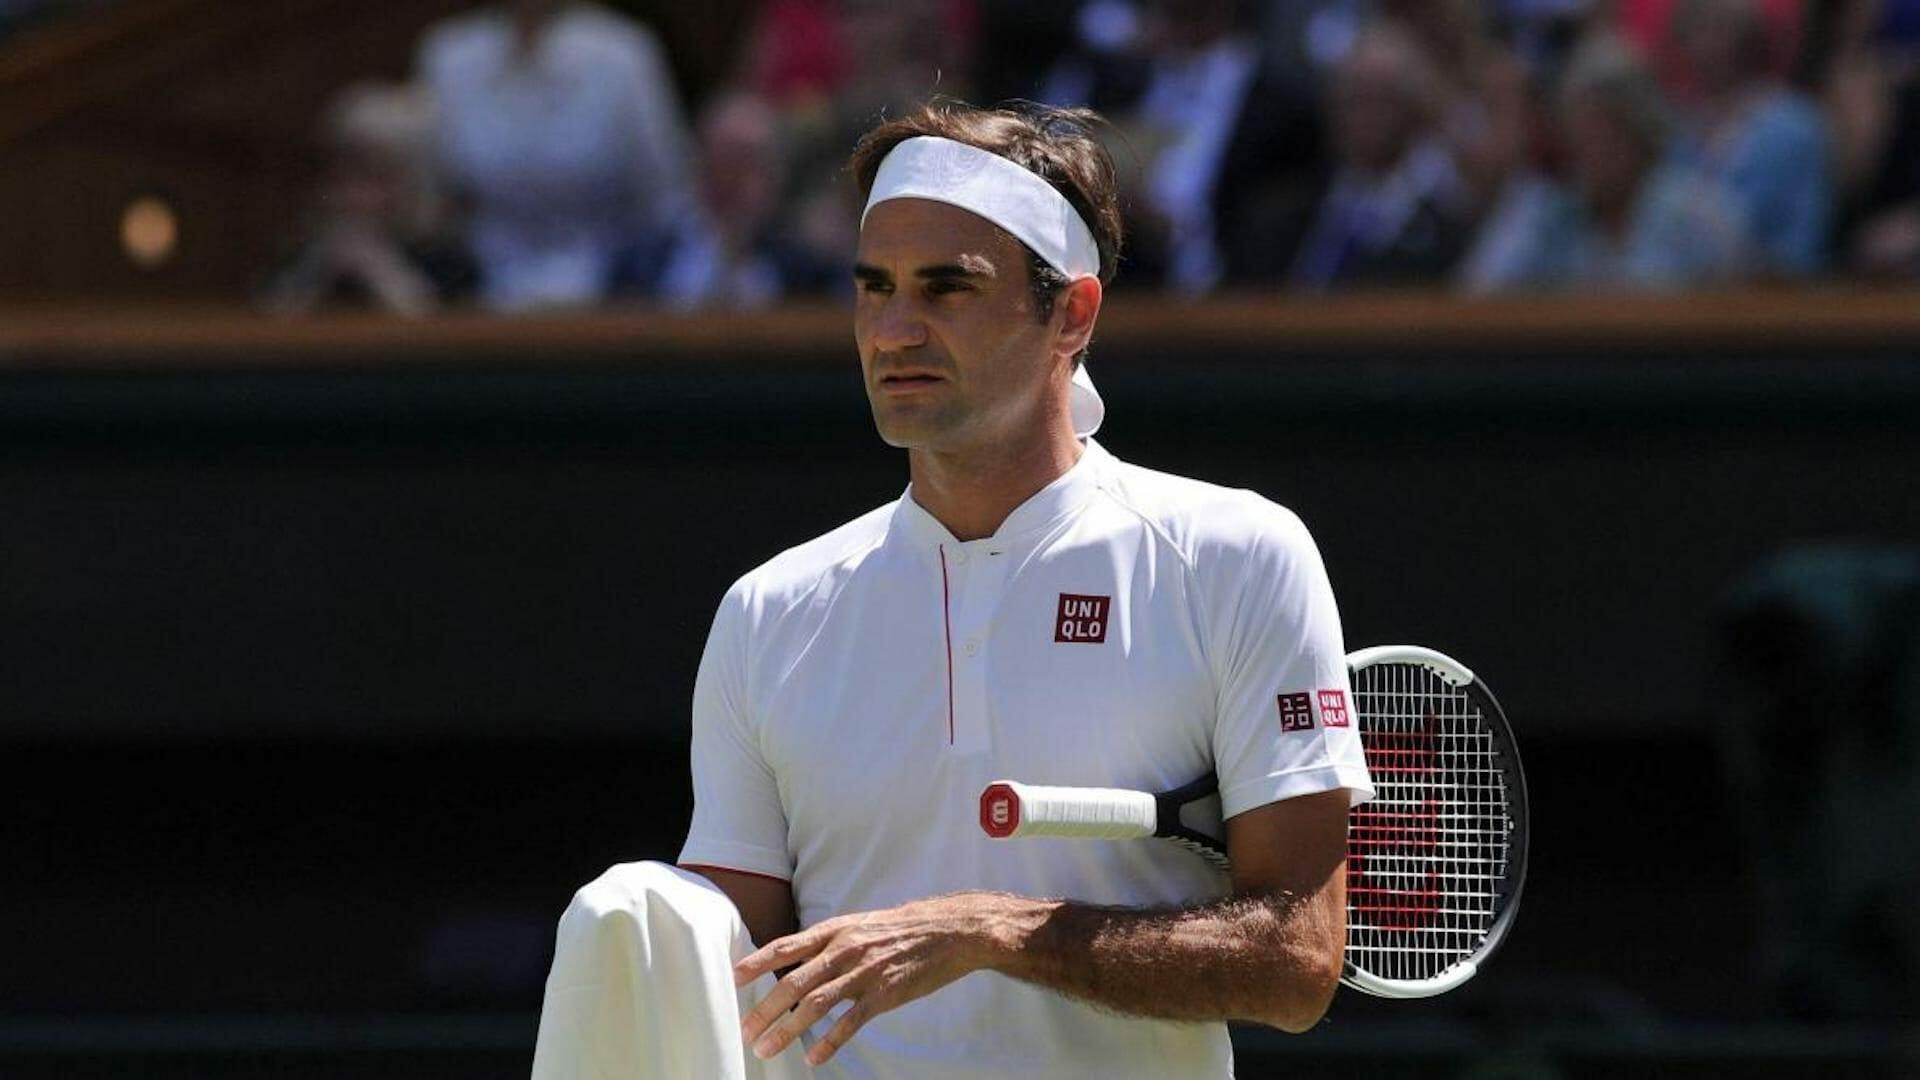 L'évolution du style de Federer sur et en dehors des courts